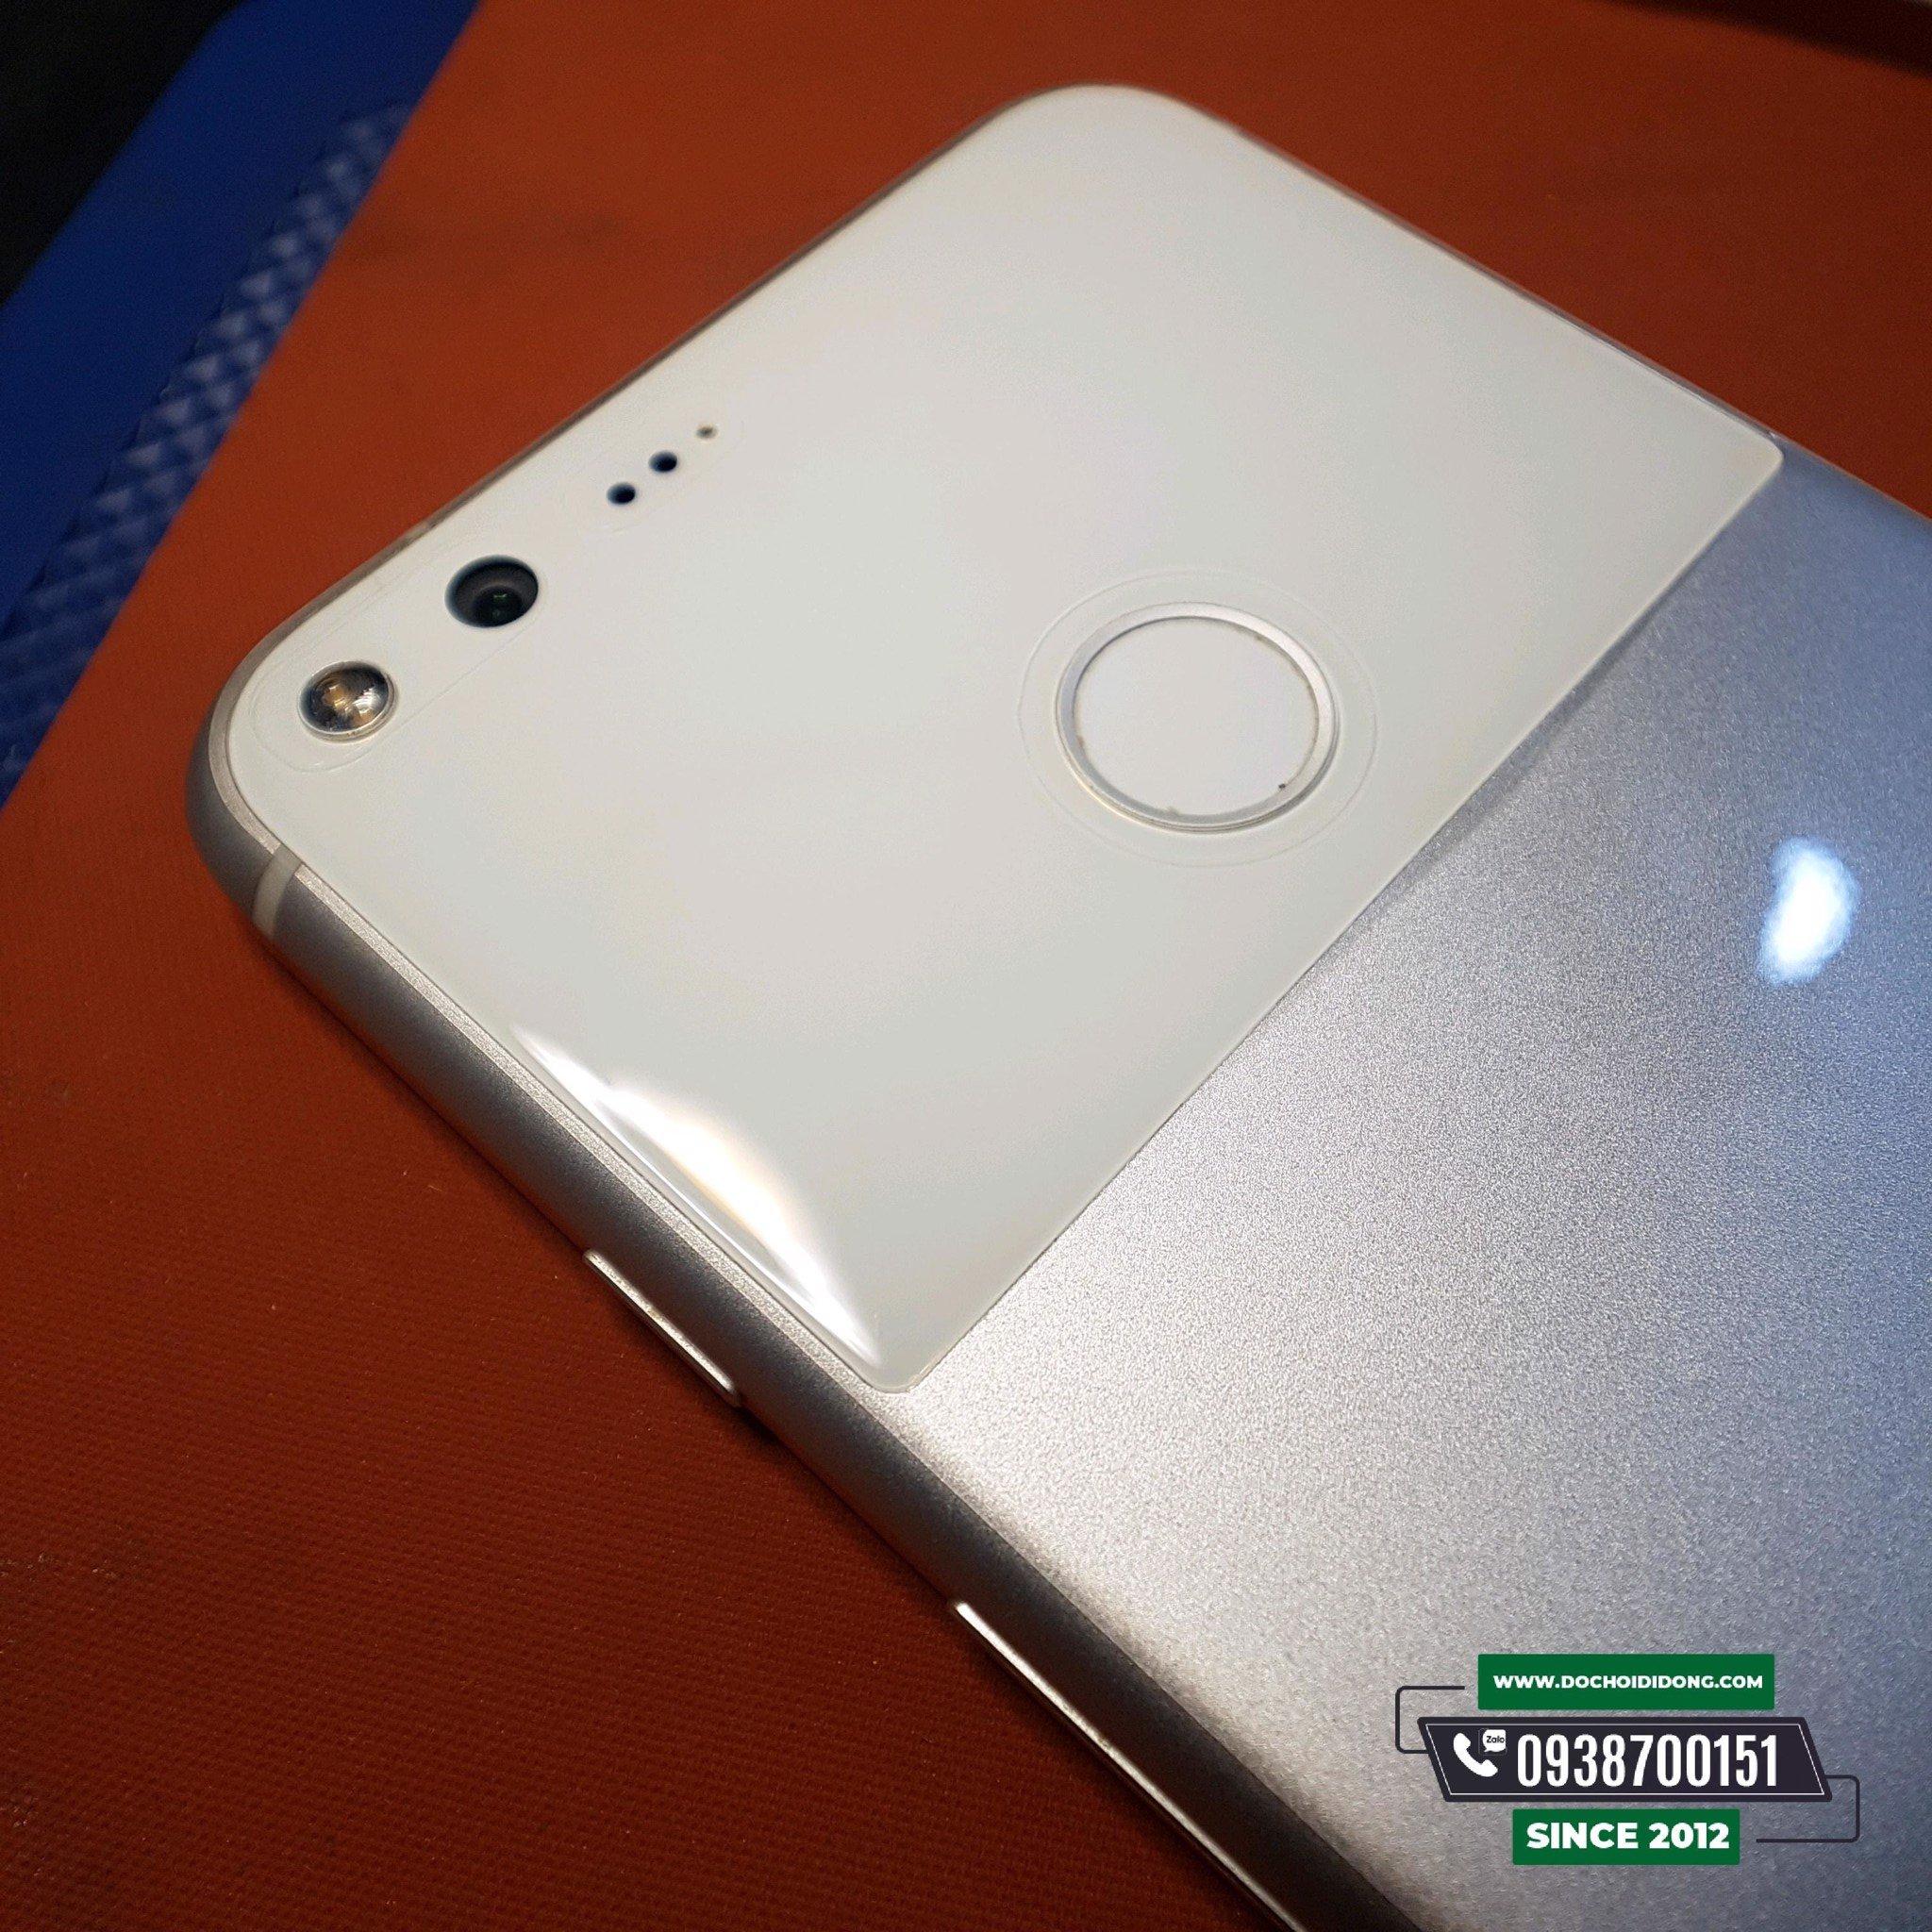 Miếng dán PPF Hydorgen Google Pixel XL trong, nhám, đổi màu cao cấp